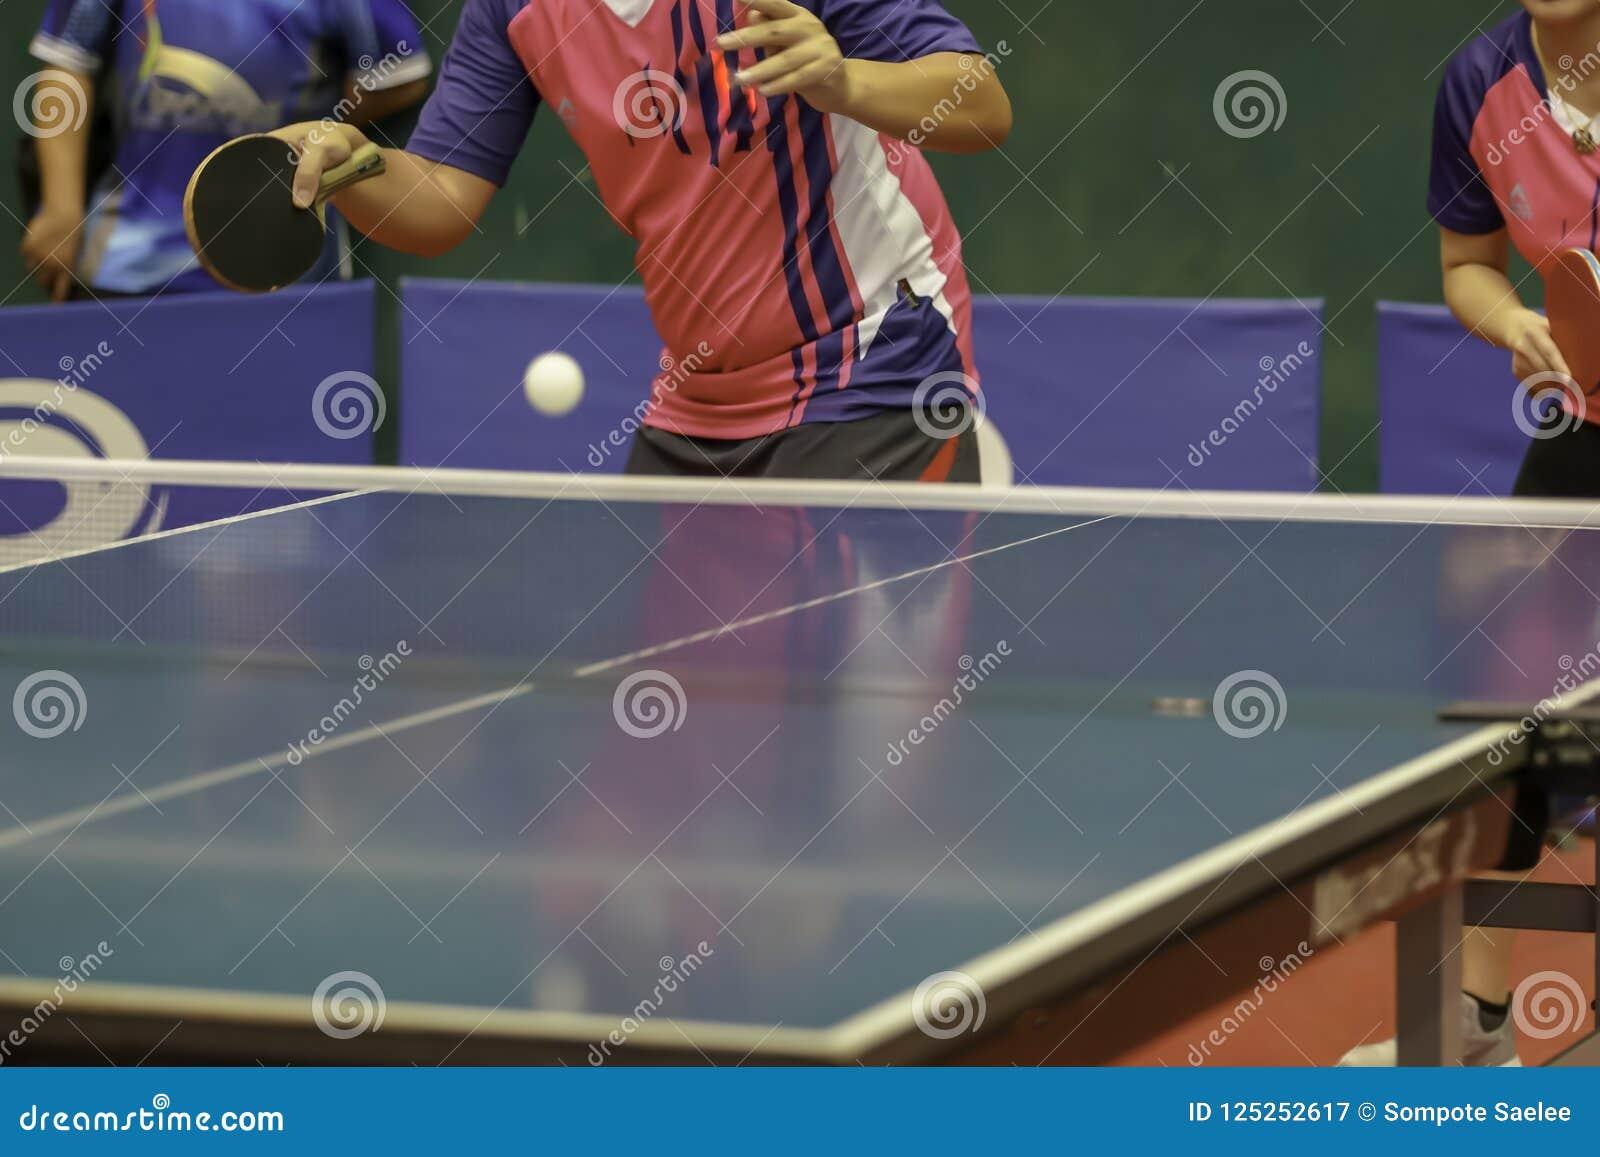 Розовый человек рубашки удар справа служа шарик